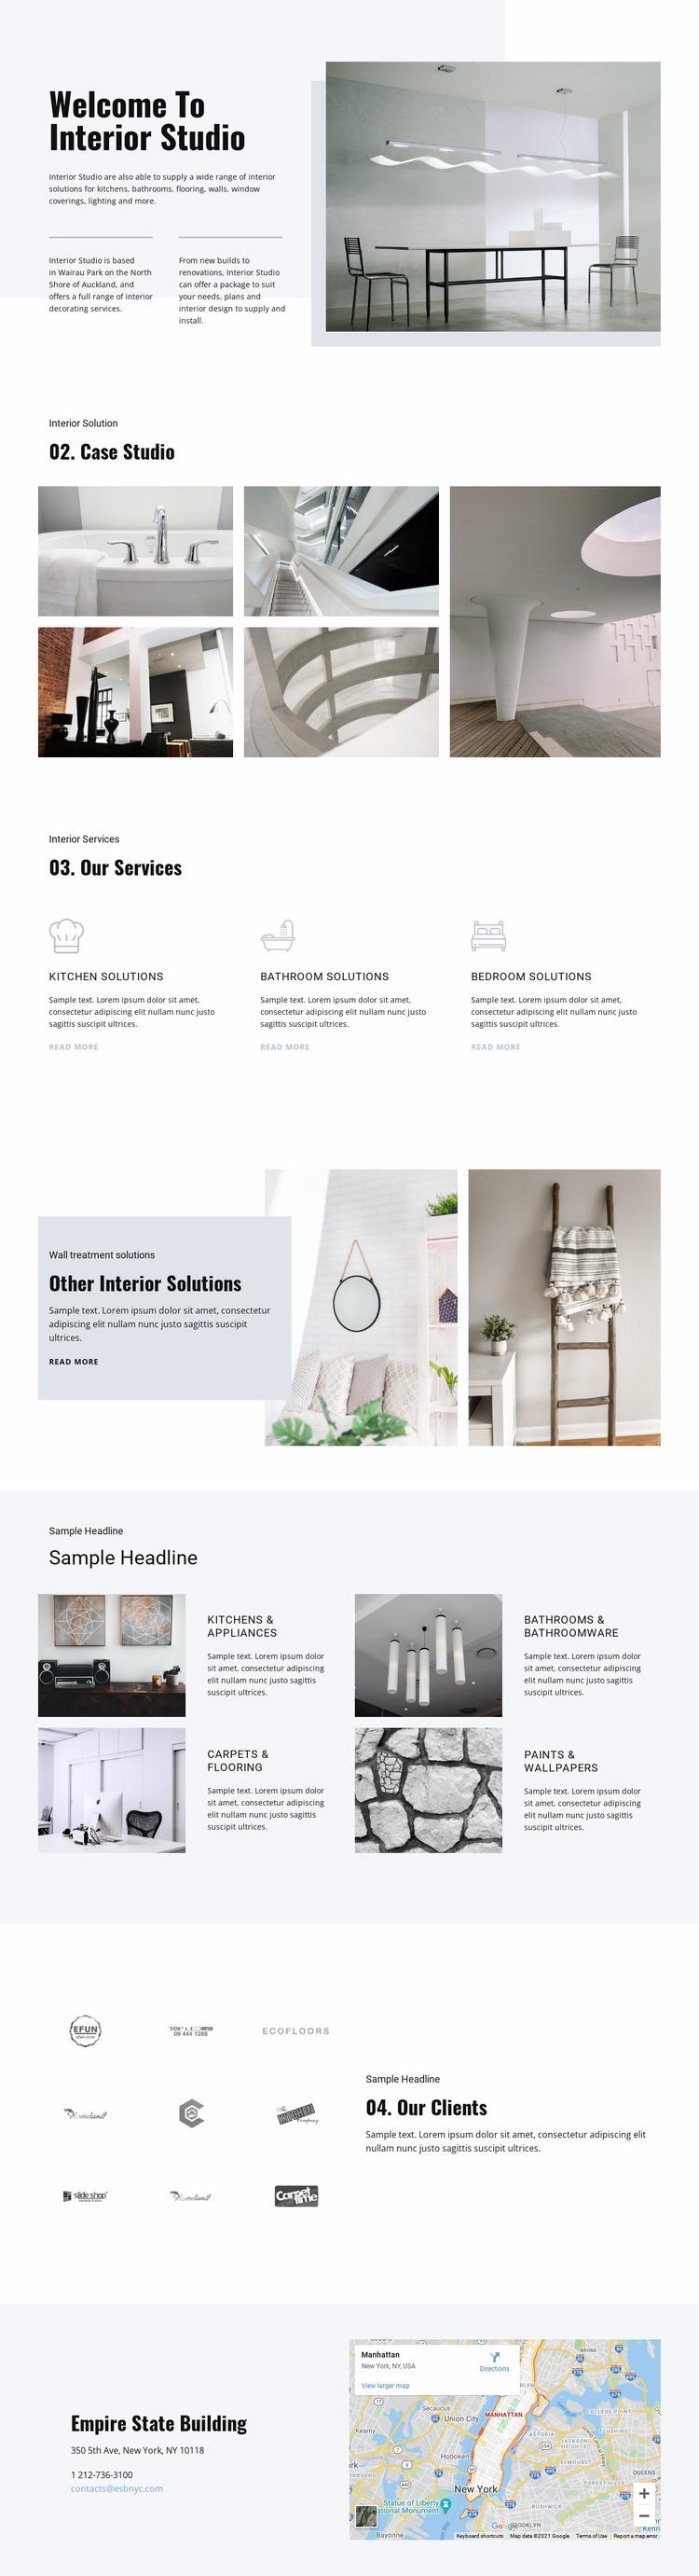 Welcome to interior studio Website Mockup